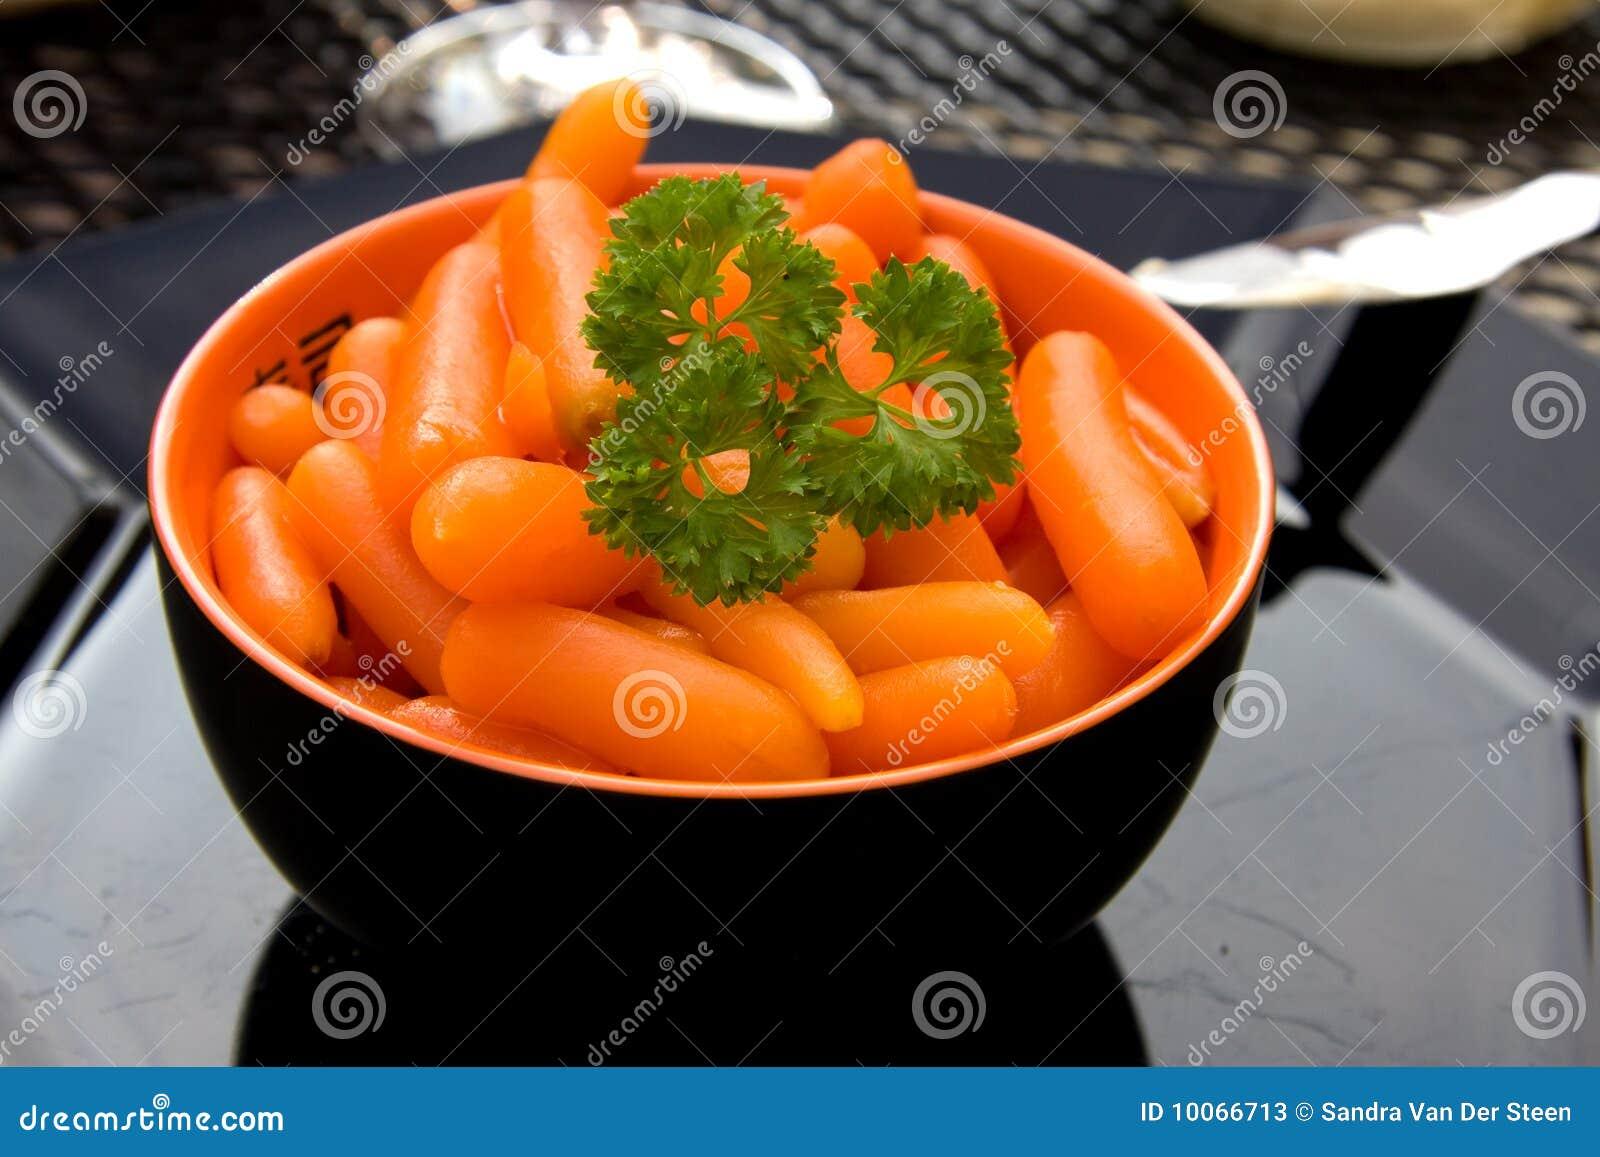 Bacia com cenouras frescas